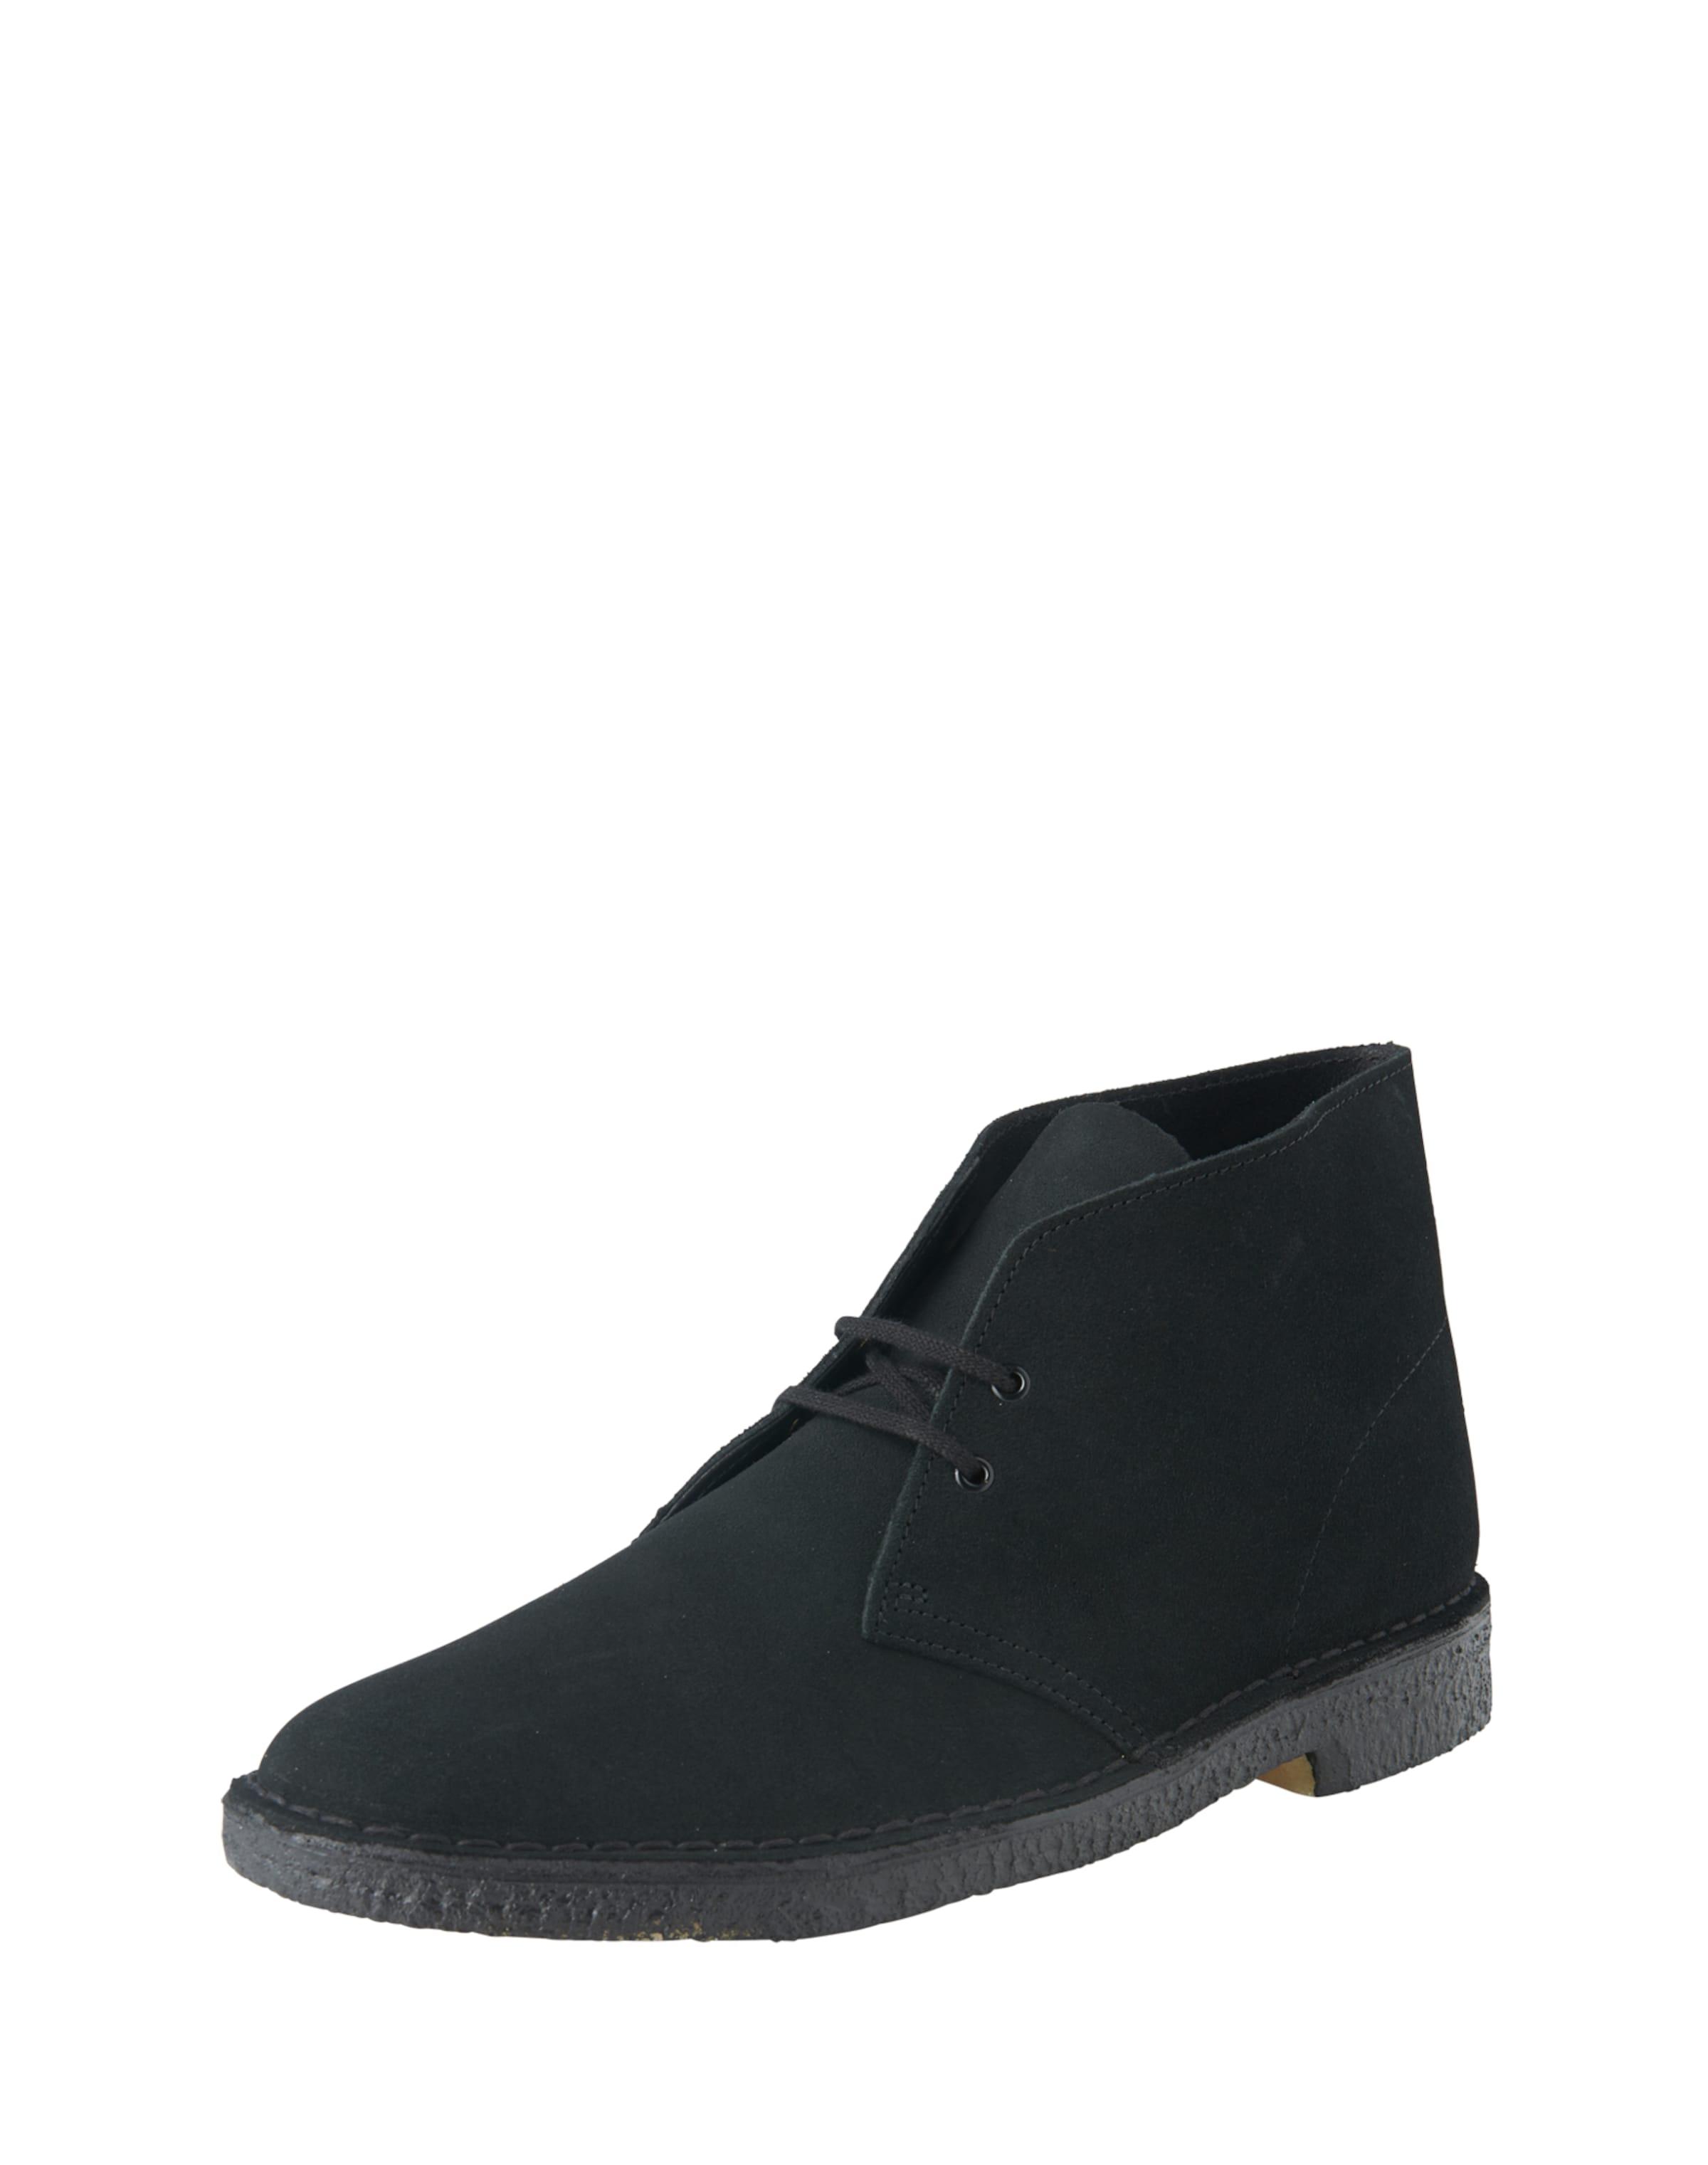 Clarks Originals Desert-Boots Verschleißfeste billige Schuhe